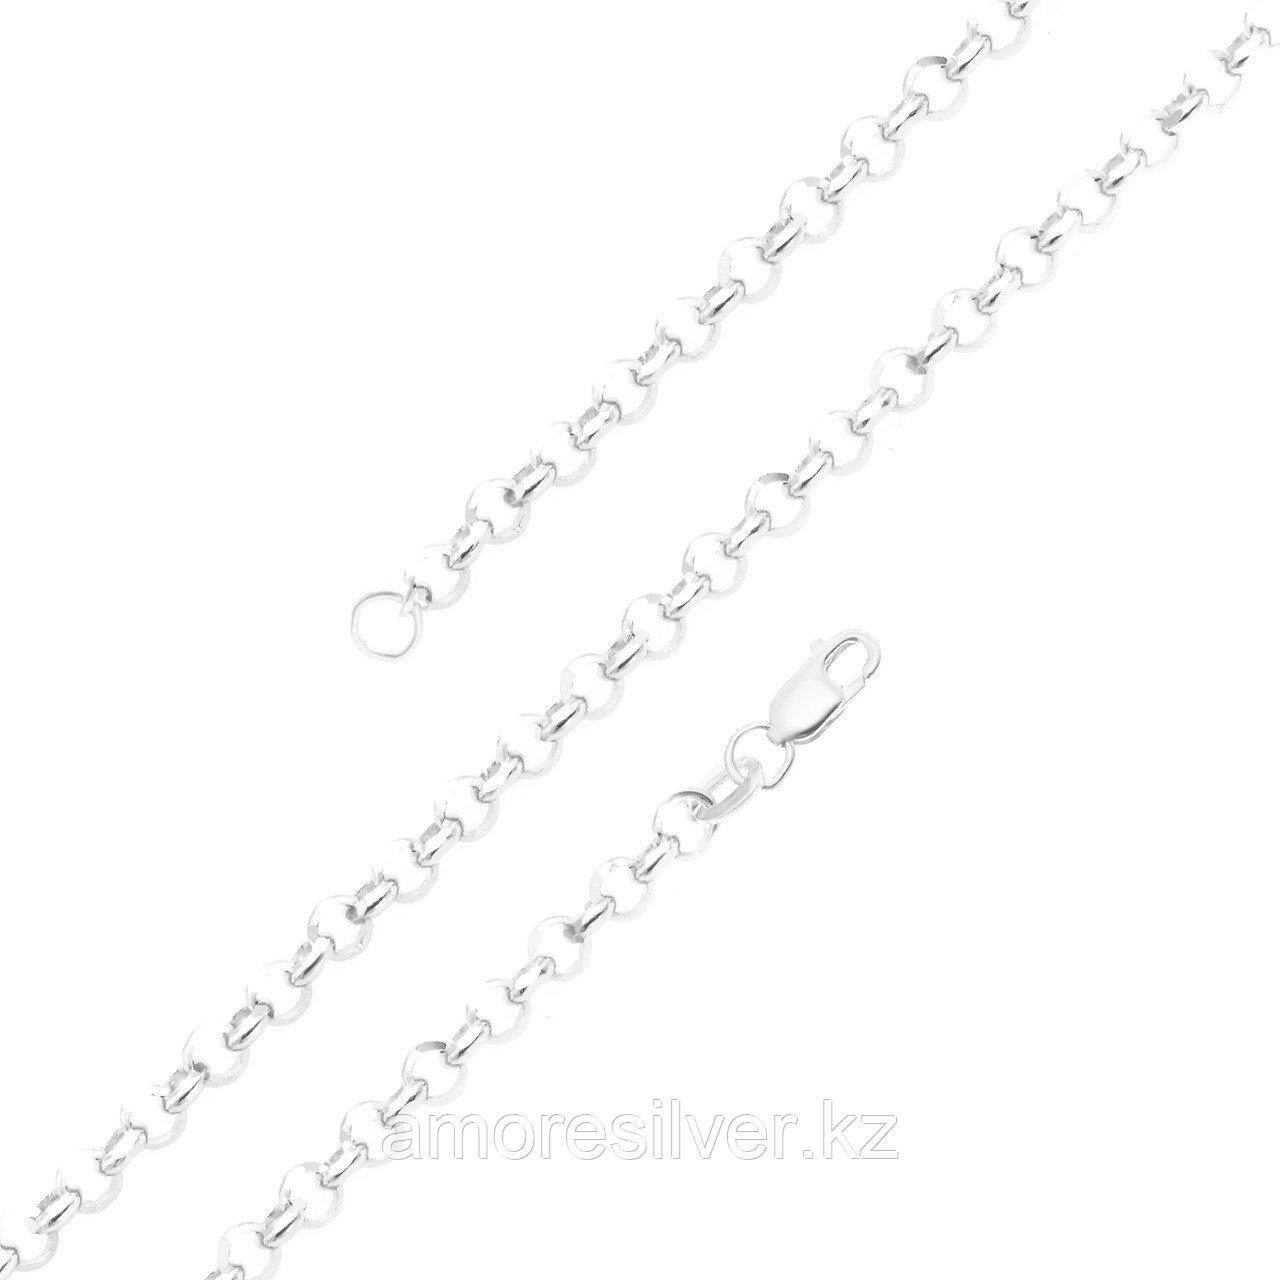 серебро с родием, бельцер НЦ 22-277-3-050 размеры - 50